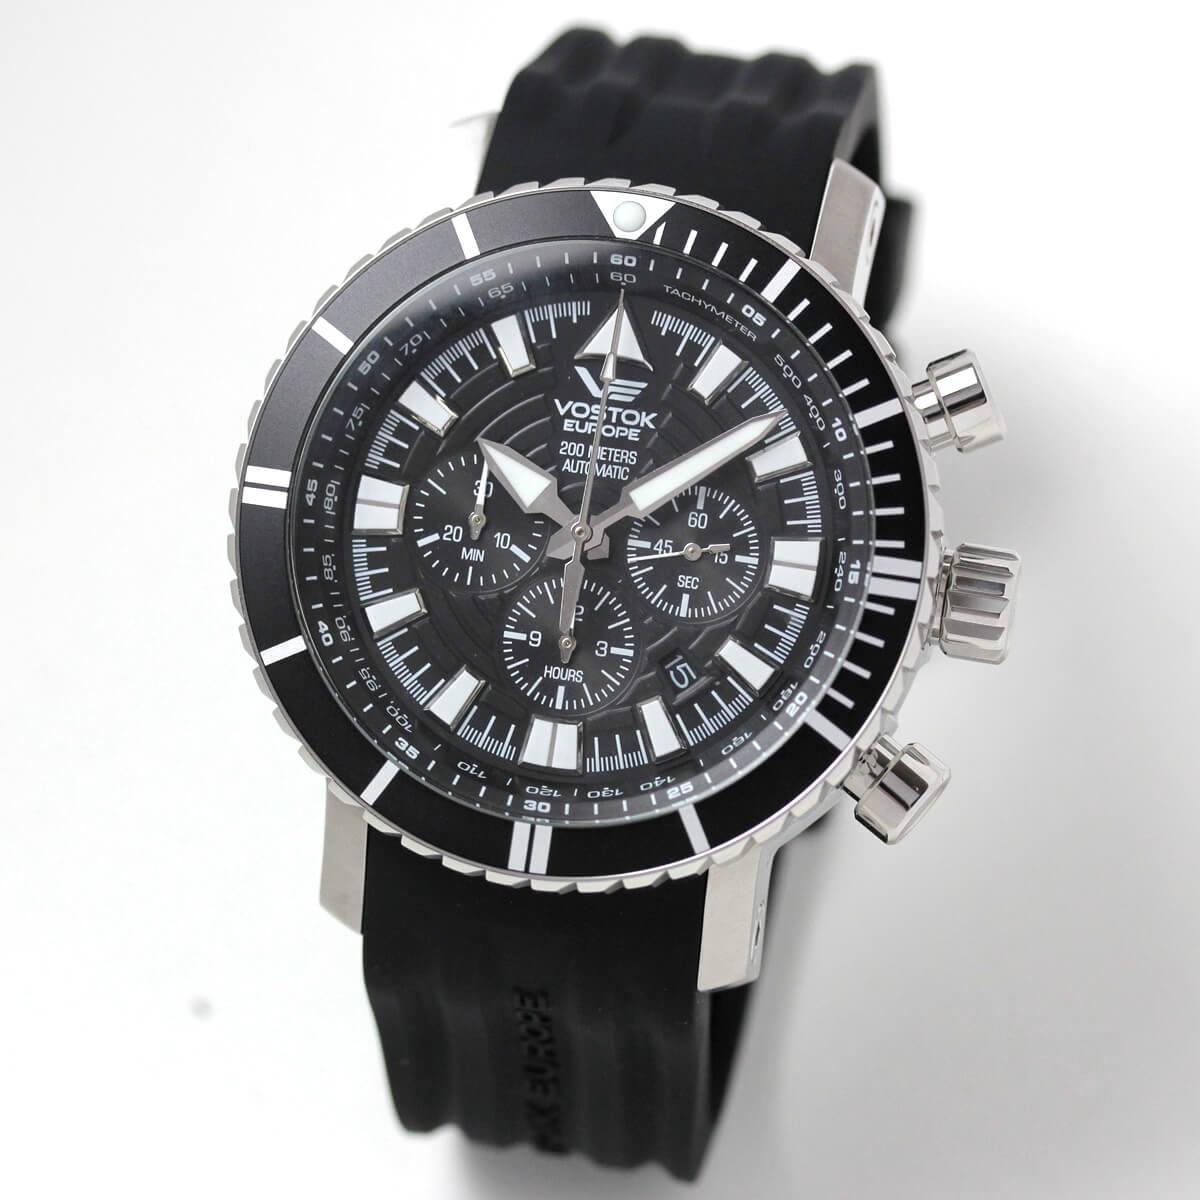 ボストークヨーロッパ ne88-5555237 限定腕時計 自動巻き